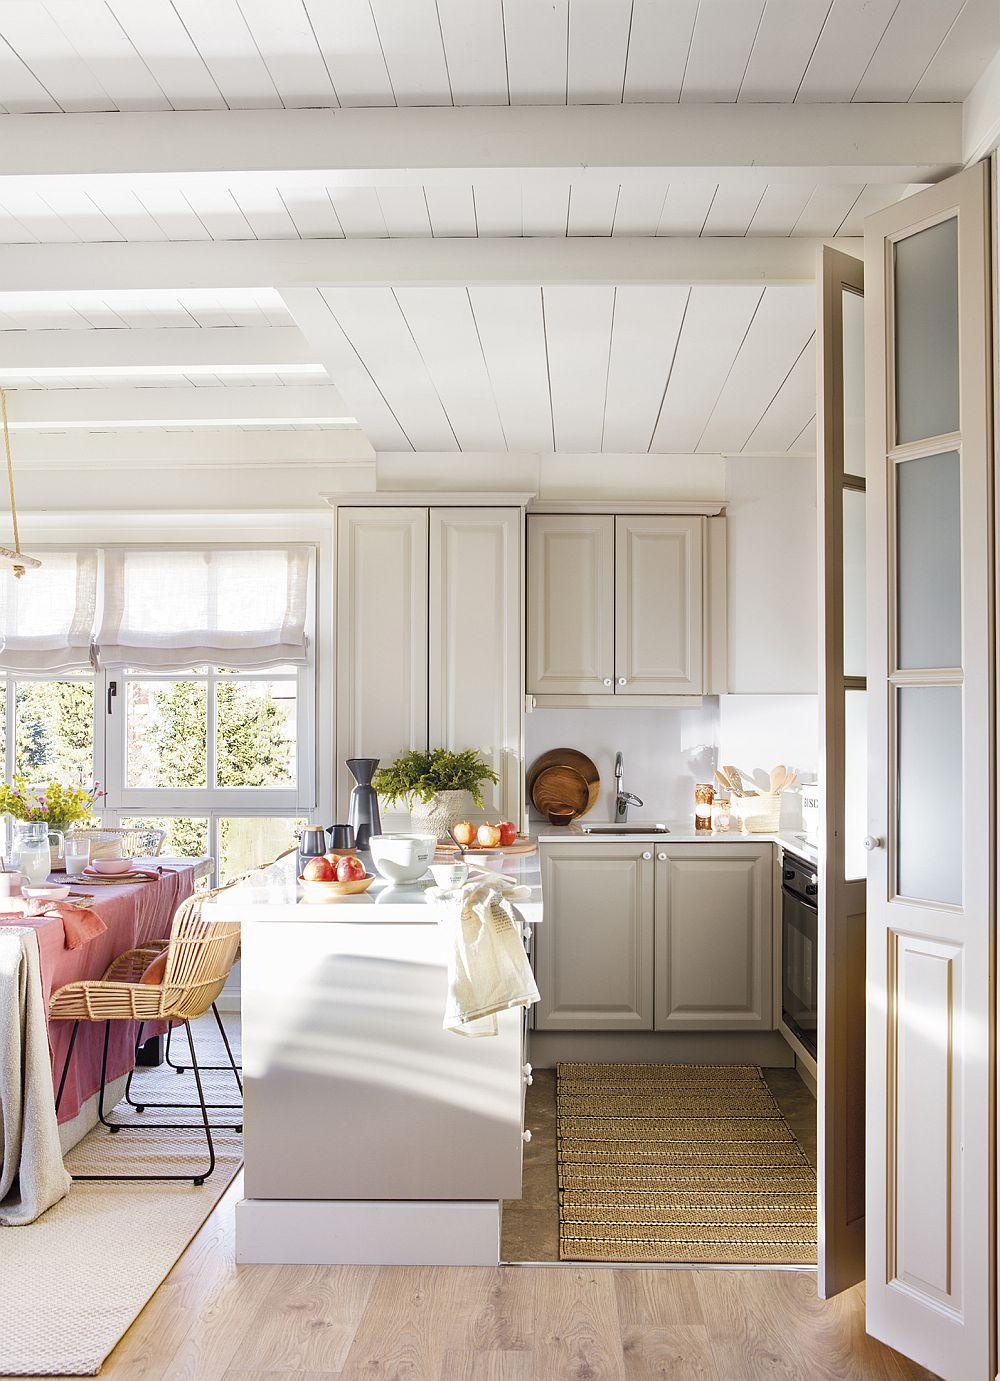 În apartament, bucătăria ocupă o suprafață mică, dar senzația de spațiu mic nu se simte pentru că este deschis către zona de luat masa și living. Mobila este cu fronturi frezate, închise, astfel ca la vedere să fie cât mai puține lucruri. Însă odată ce sunt puse cîteva decorațiuni, acestea ies în evidență pe fundalul neutru.